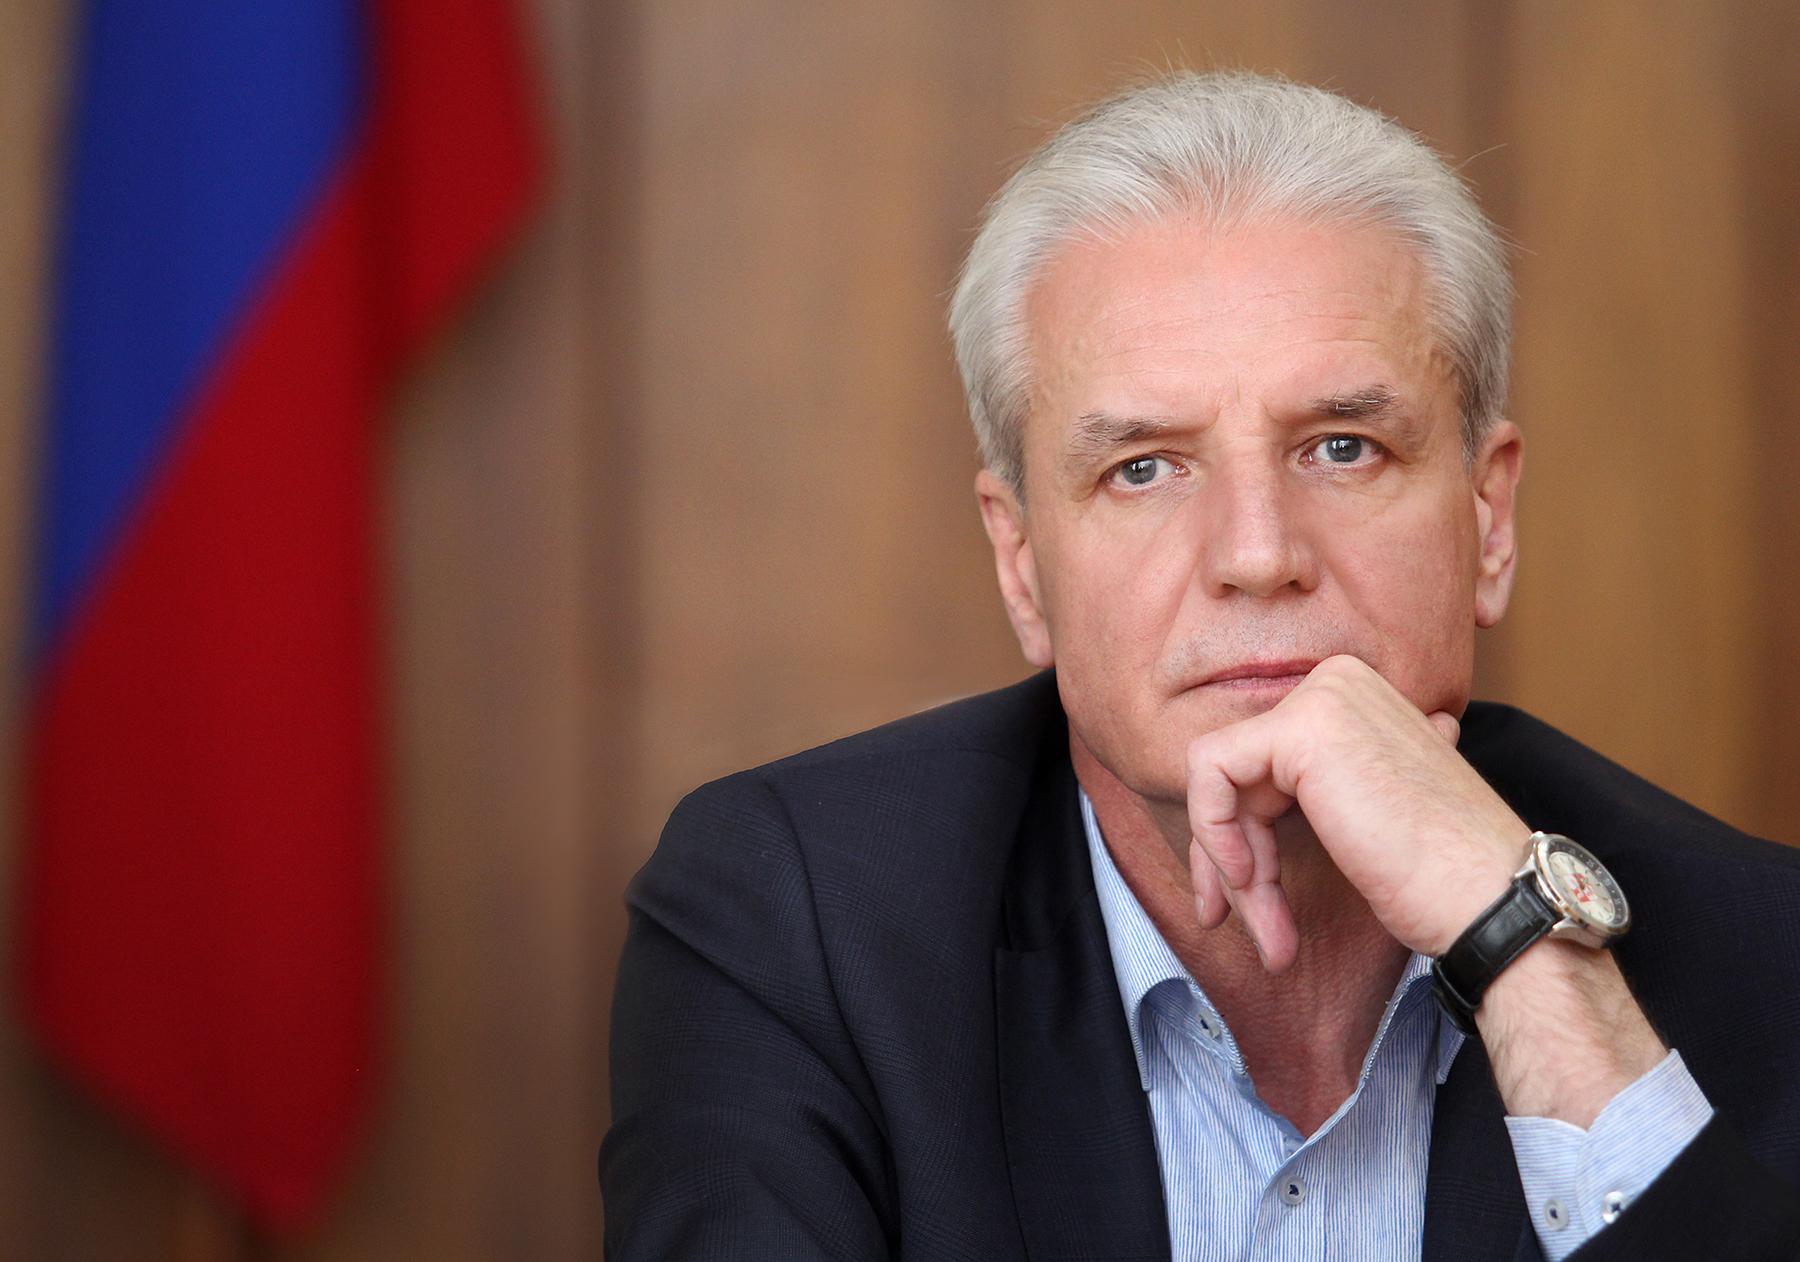 Александр Котов об уходе с поста руководителя реготделения «ЕР»: Я остаюсь в команде